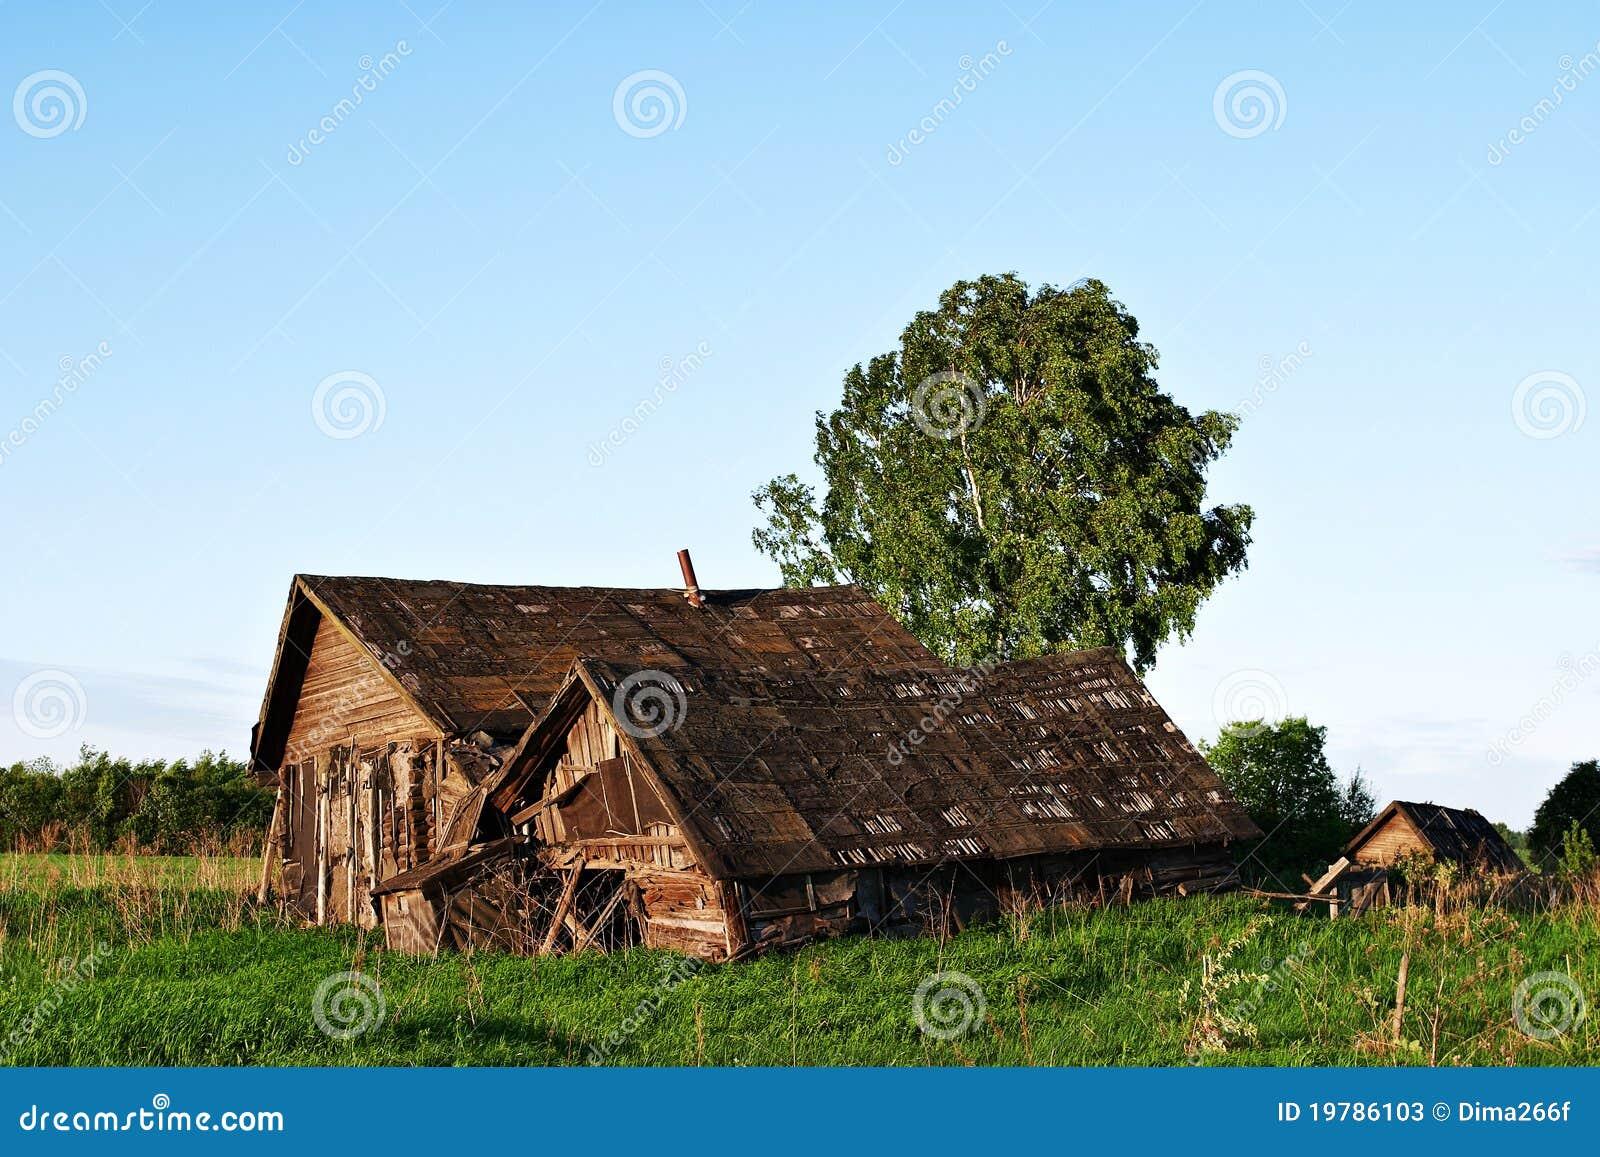 Casas De Madera Viejas Abandonadas En Zona Rural Fotos de ... - photo#49